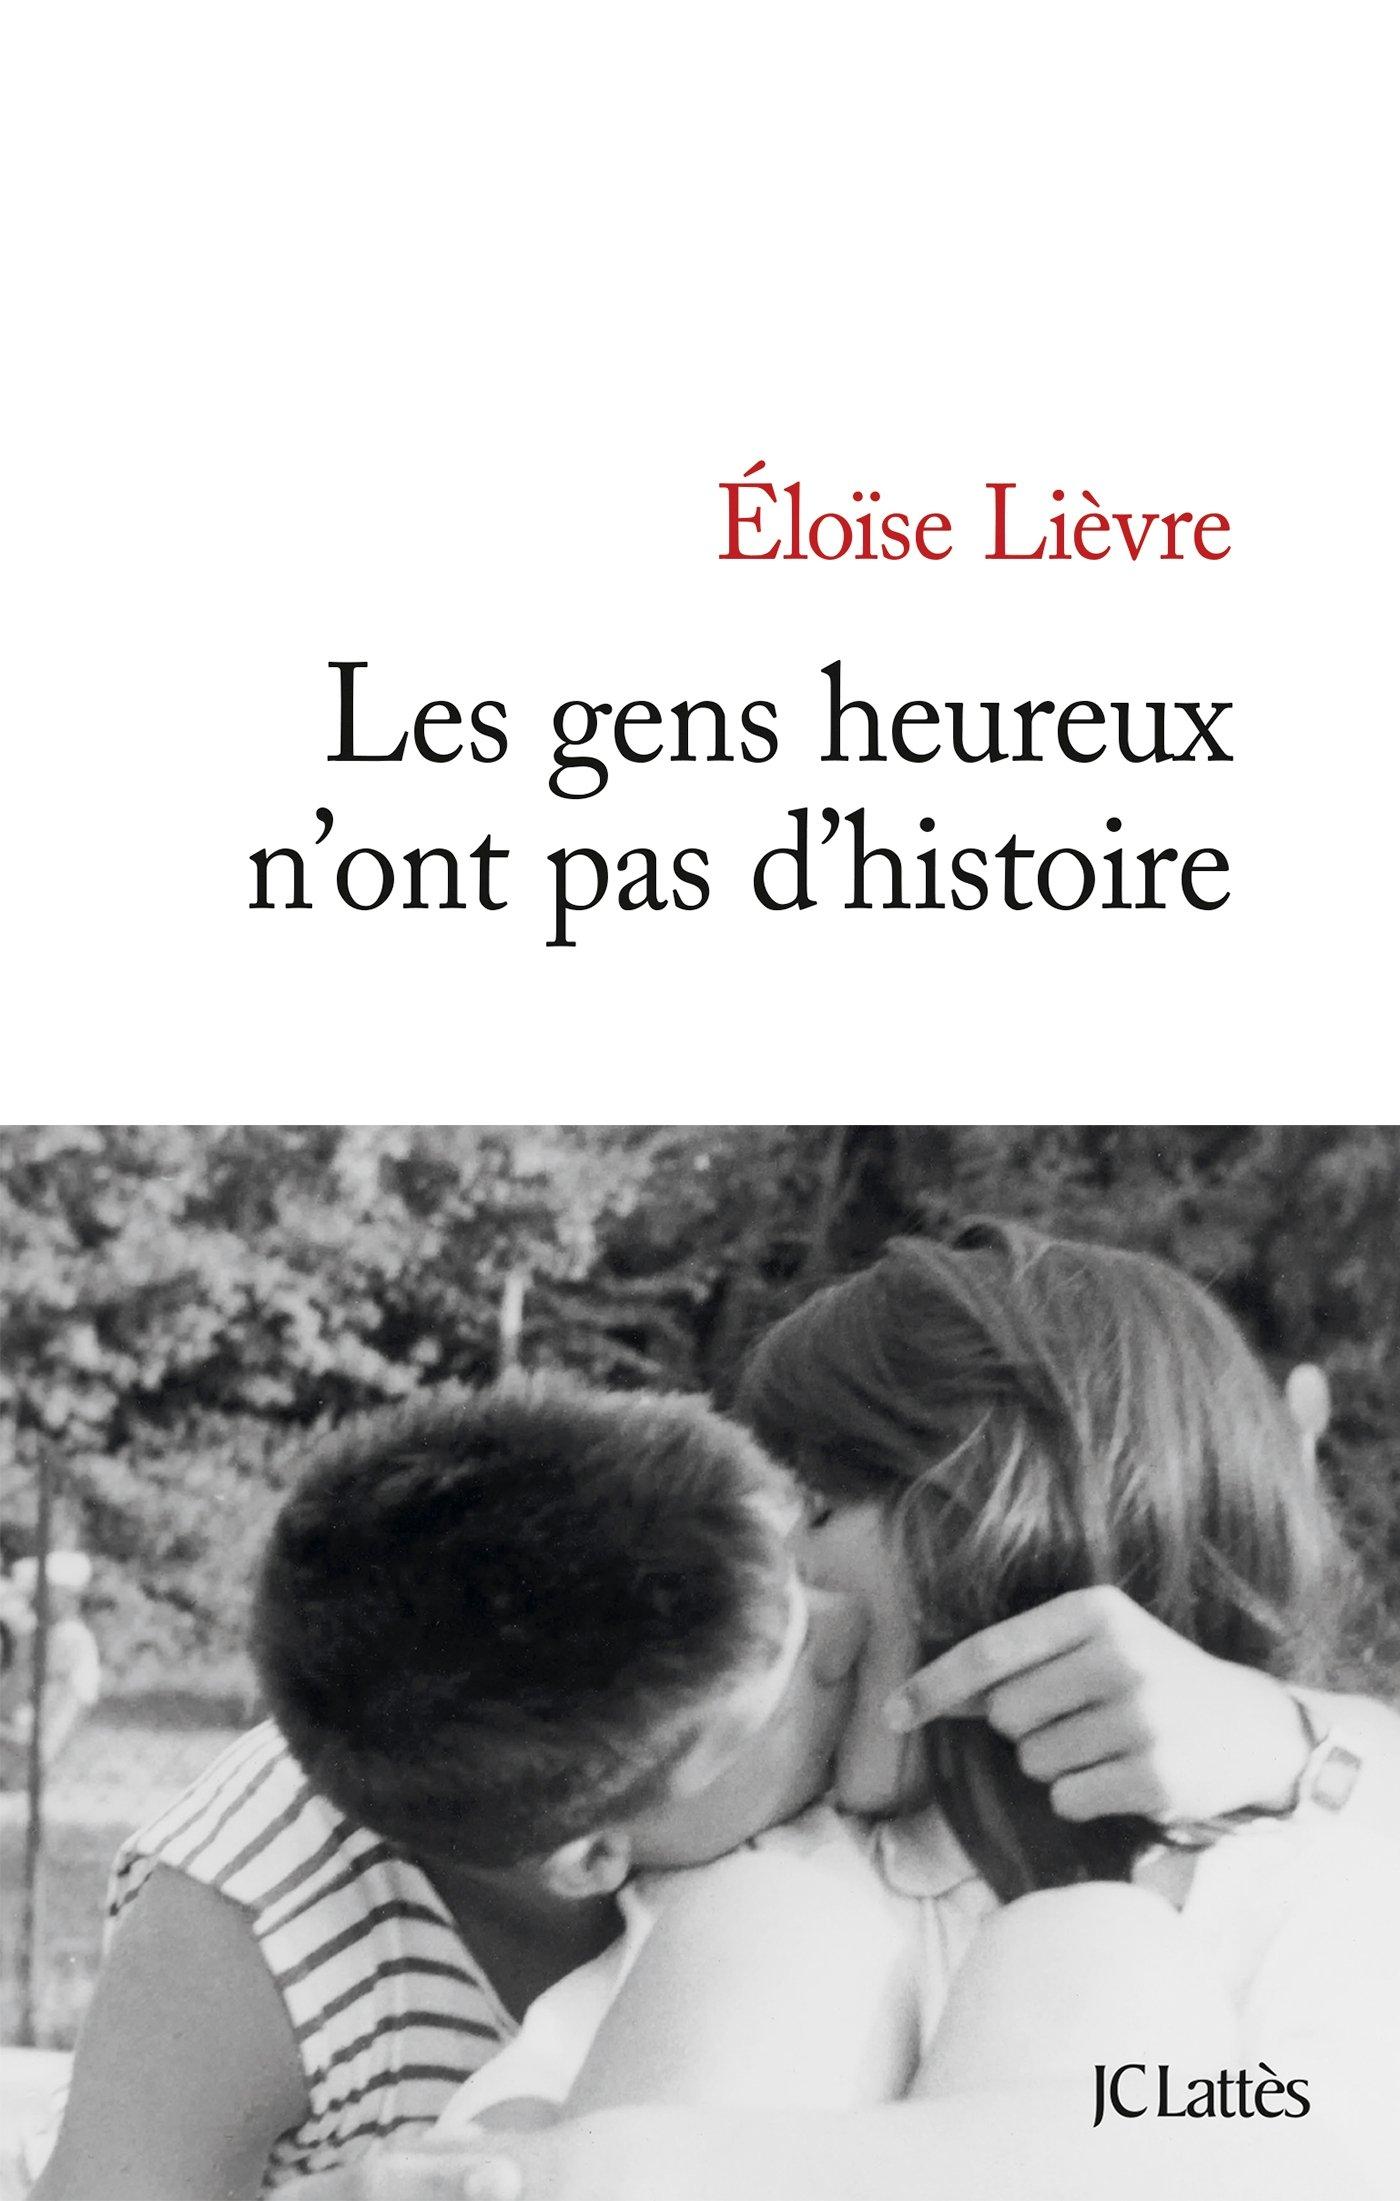 """Résultat de recherche d'images pour """"4.Les gens heureux n'ont pas d'histoire;Eloise Lièvre JCLattes"""""""